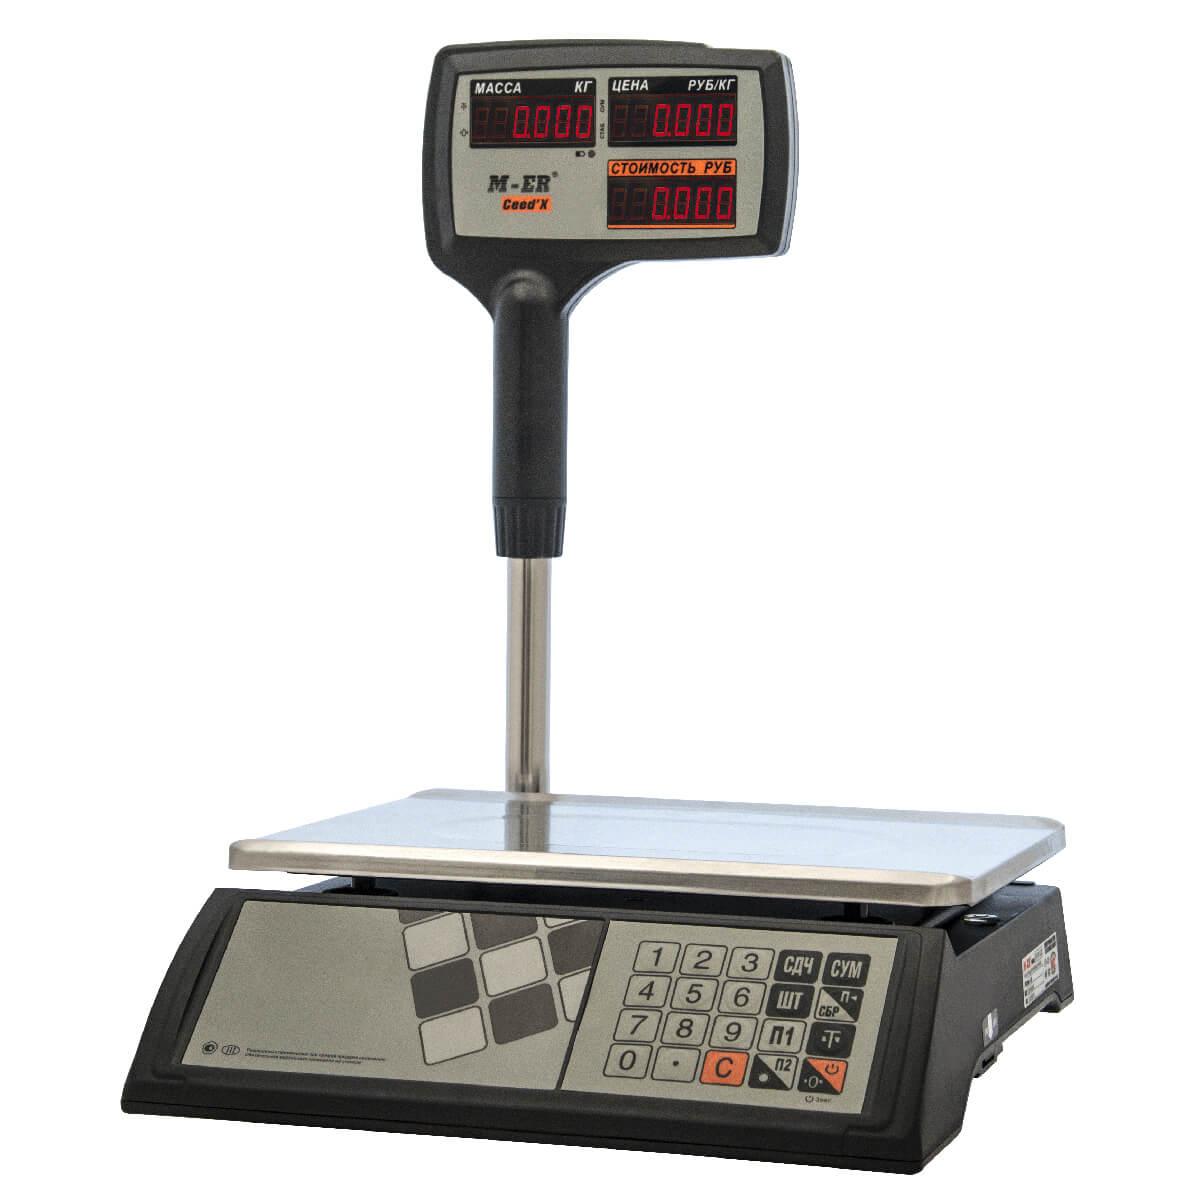 Торговые настольные весы M-ER 327 ACPX-15.2 «Ceed'X» LED Черные